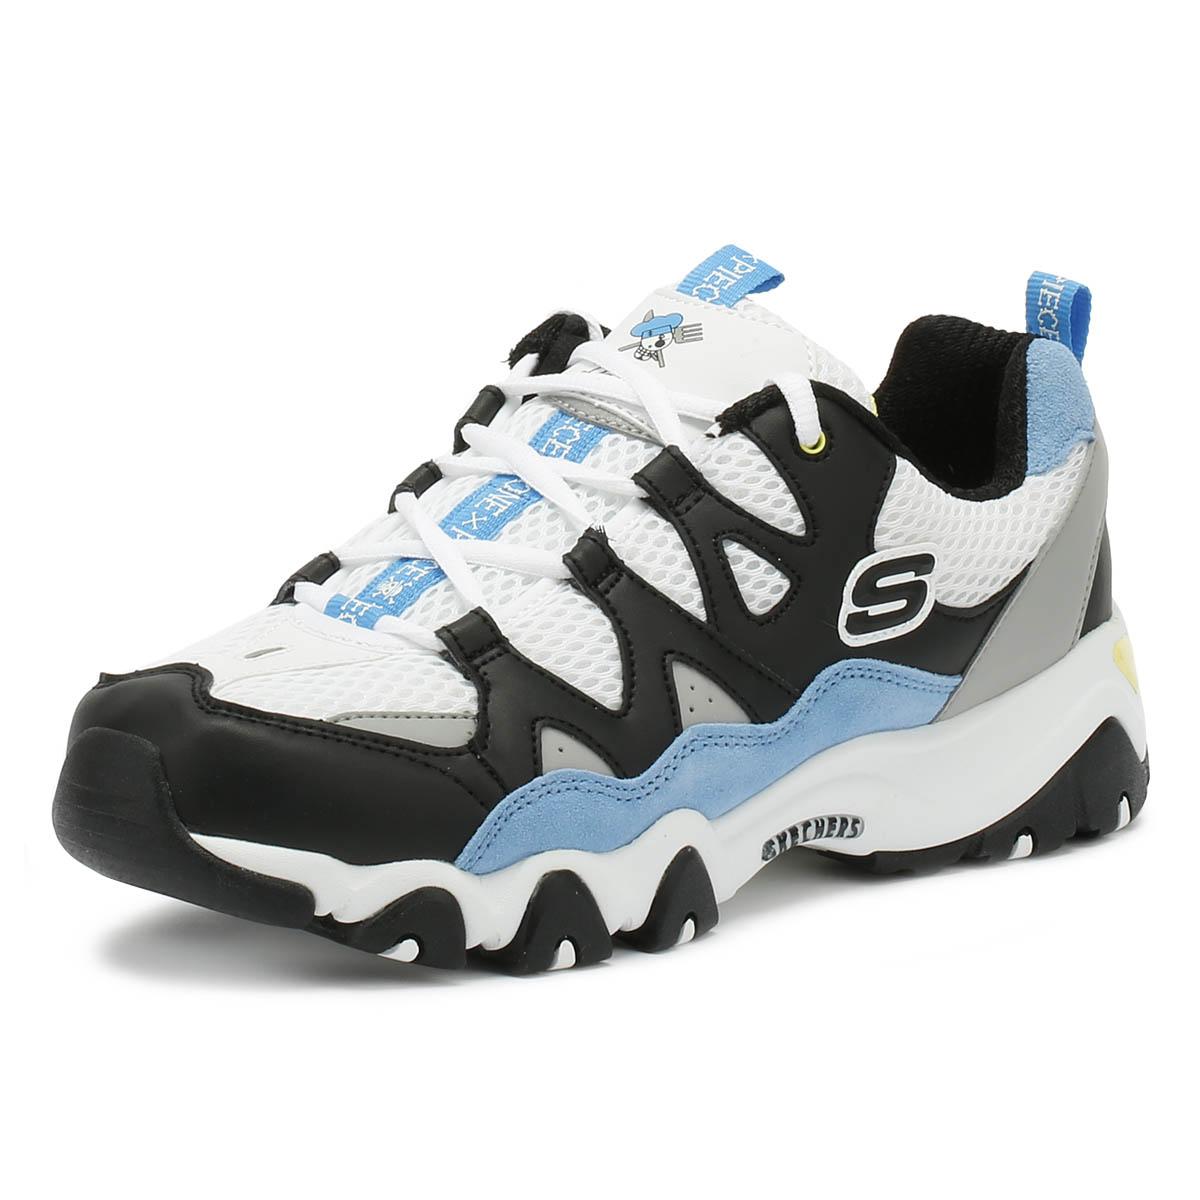 Zapatos D'lites Para Blanconegroazul Detalles Original Una Informales Pieza Mujer De Ver Skechers Zapatillas 2 Título lFTKJc13